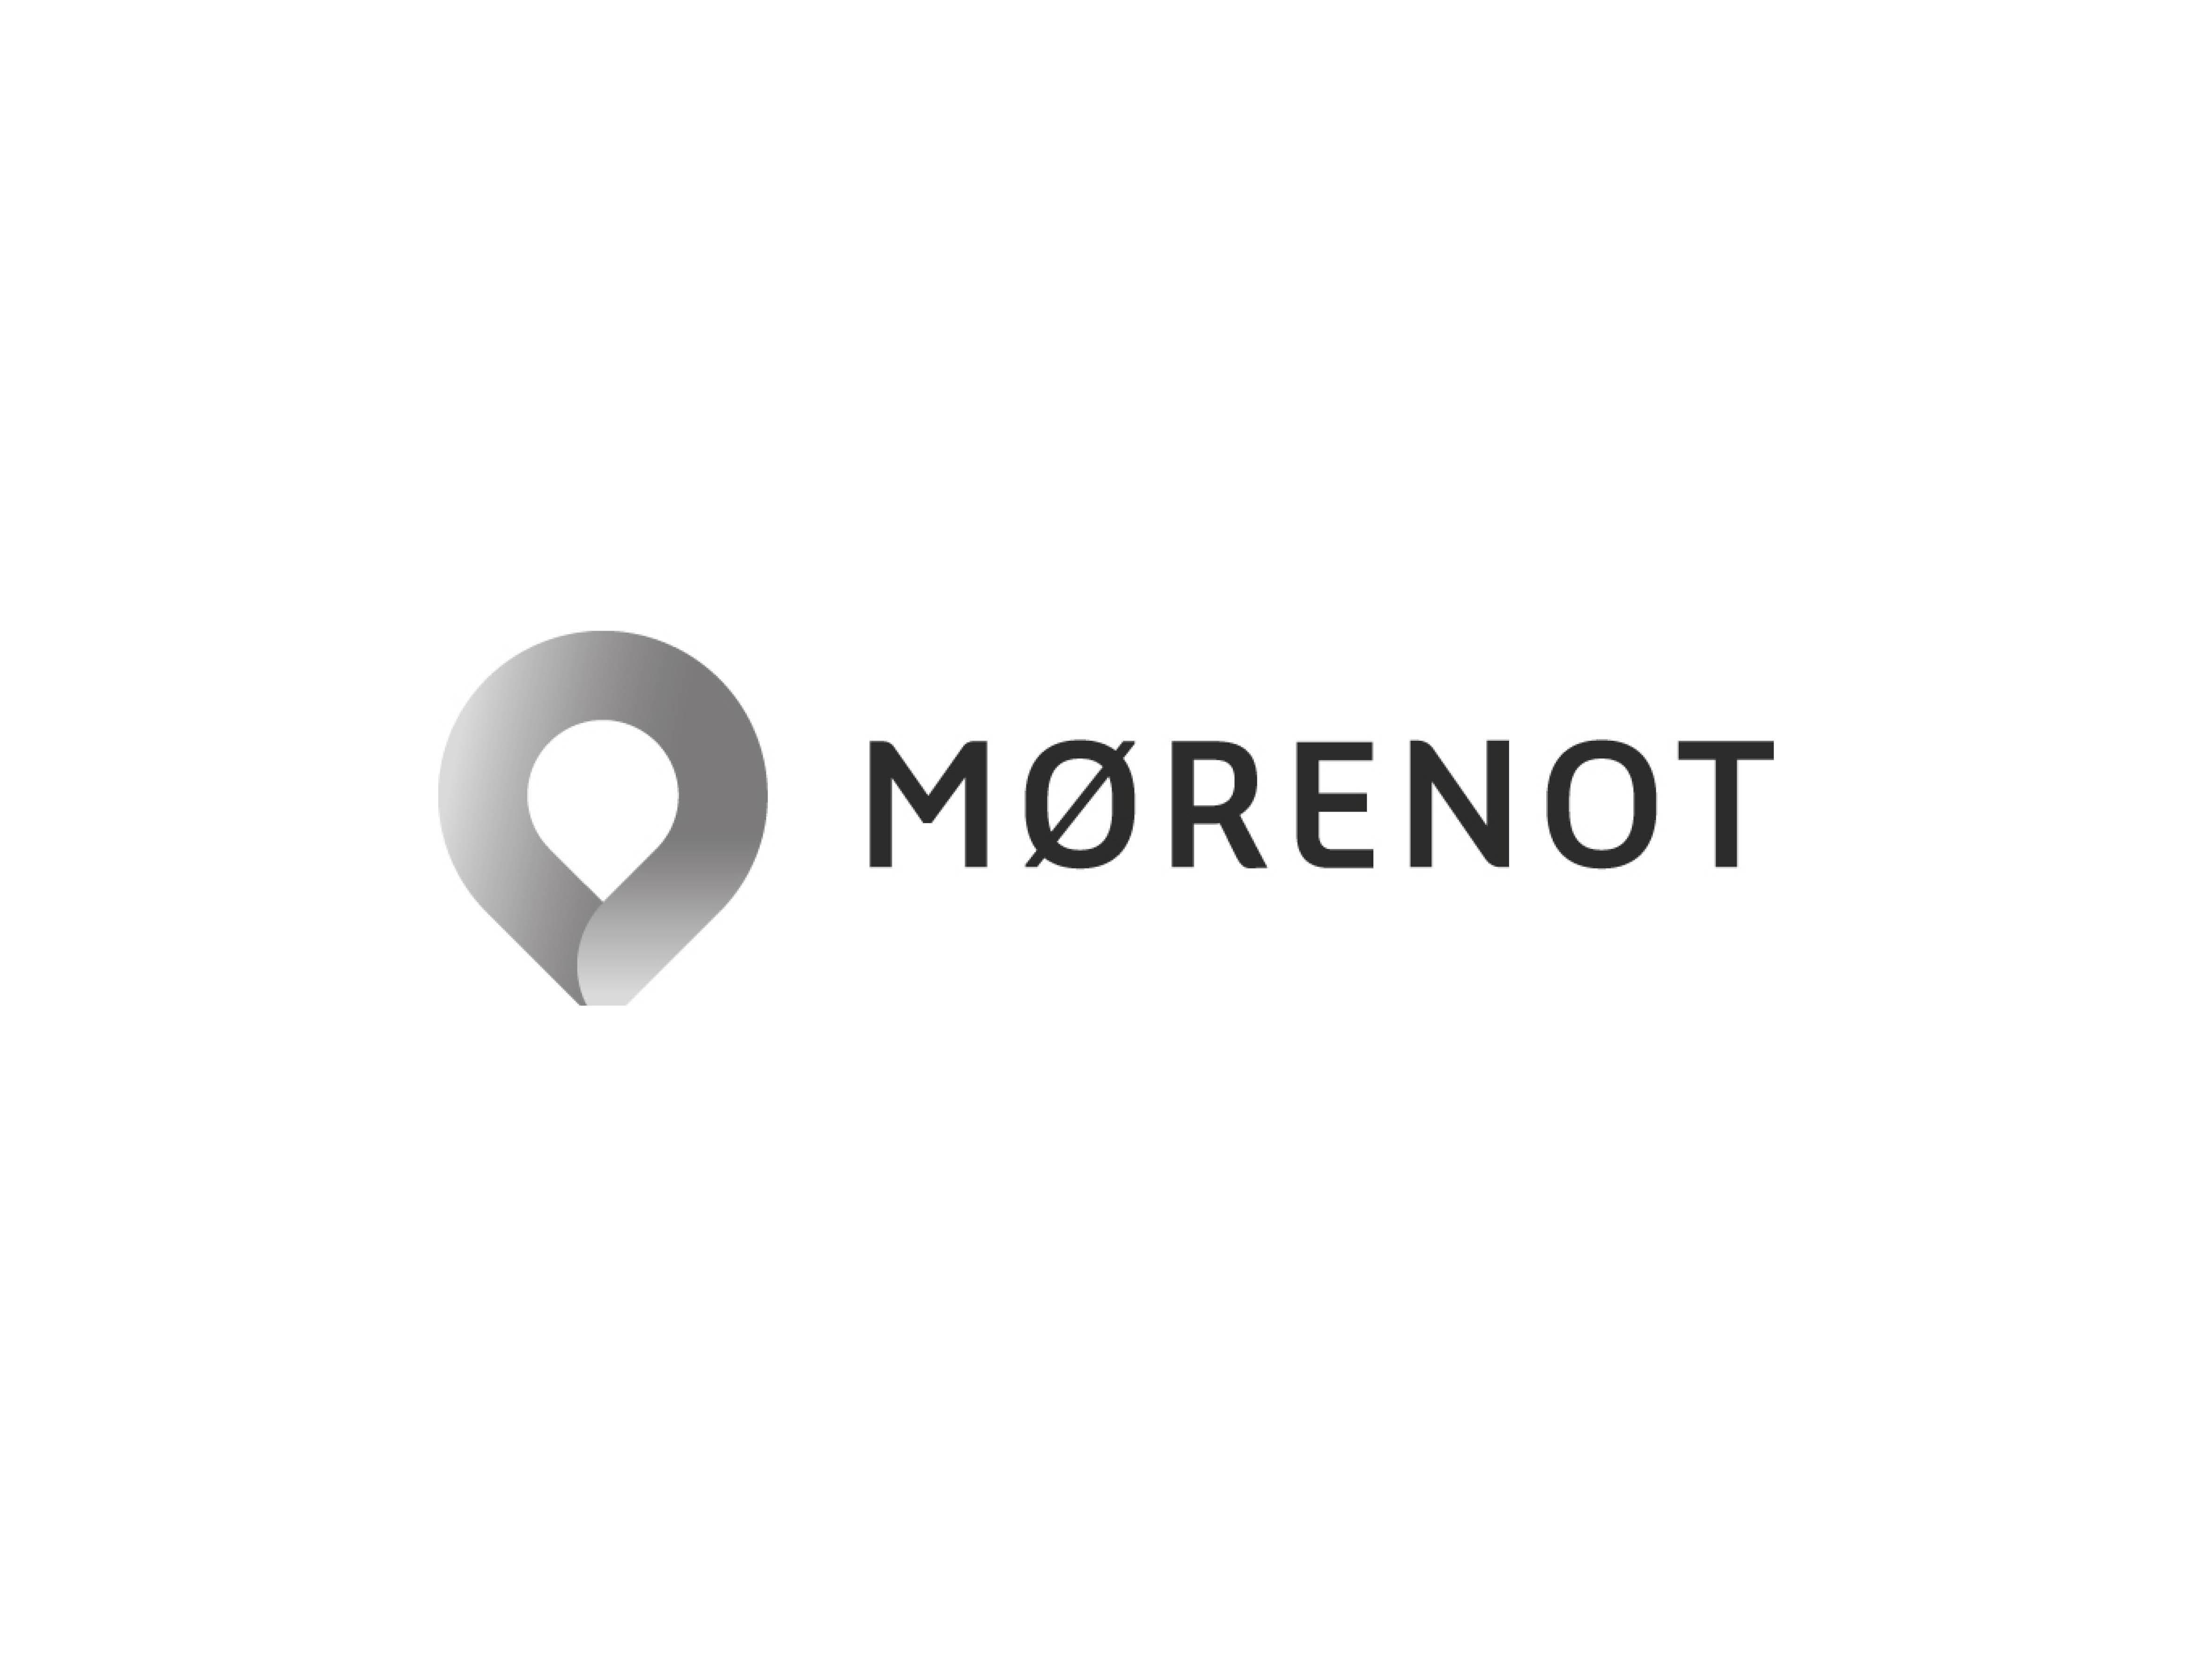 Mørenot logo